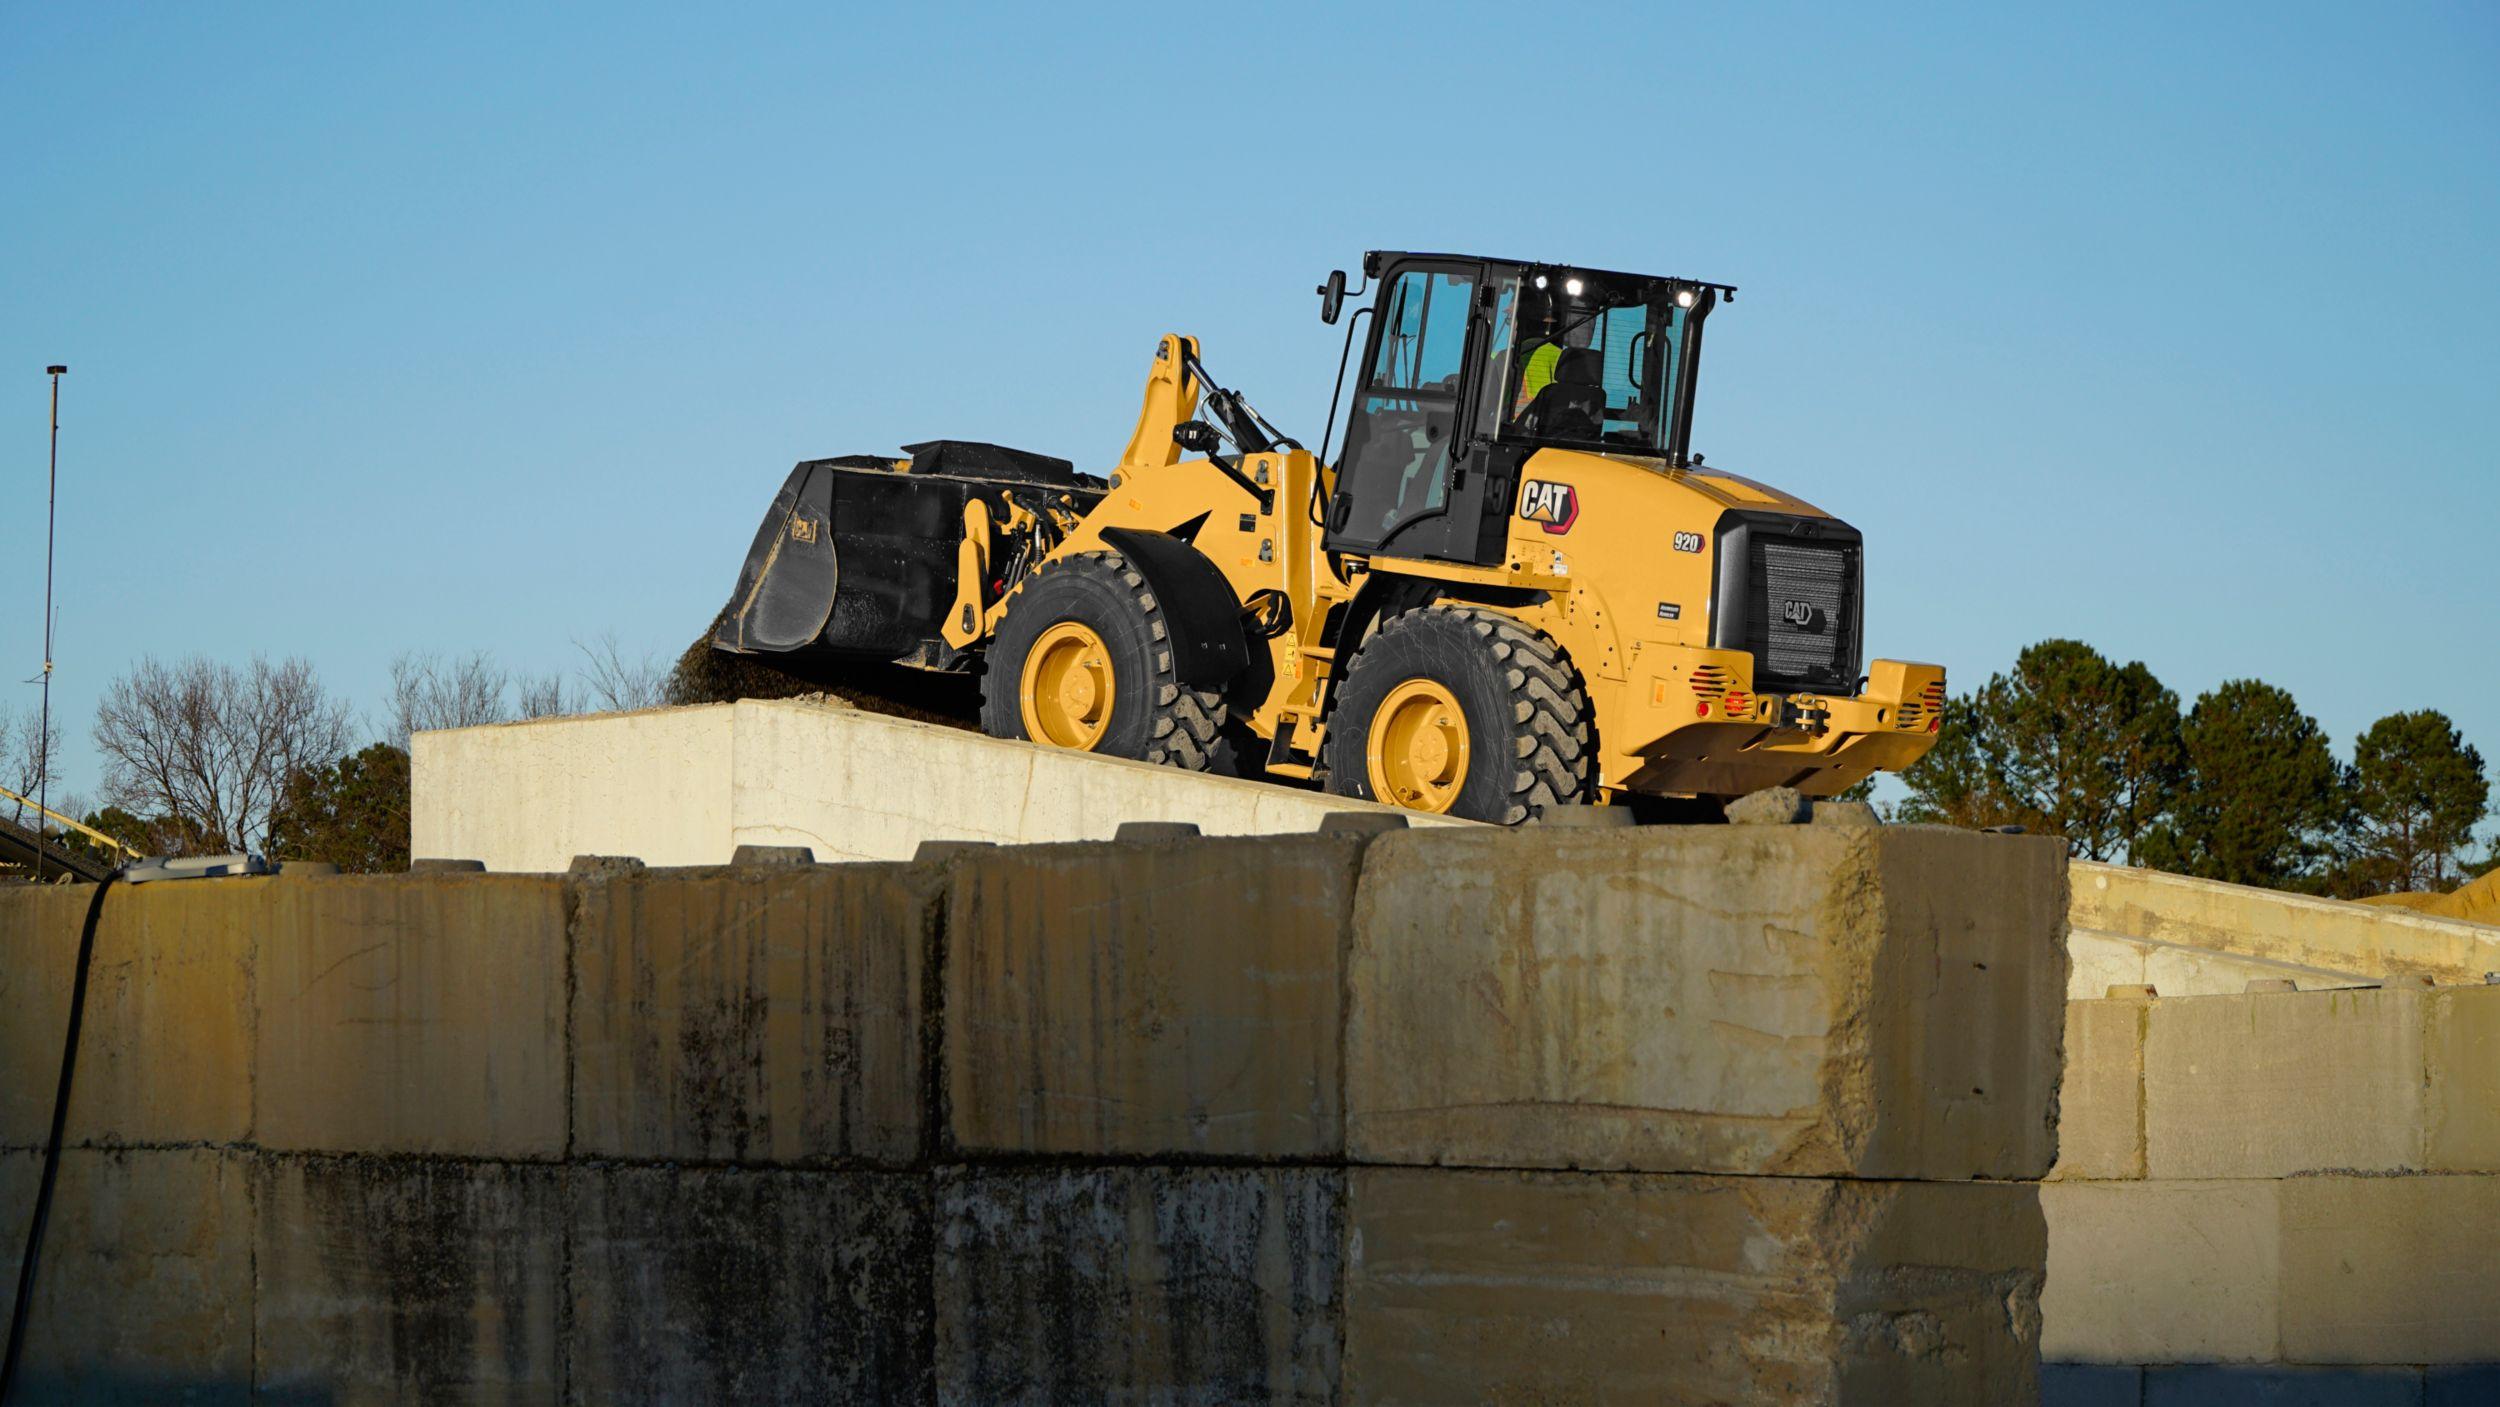 Cat 920 CWL